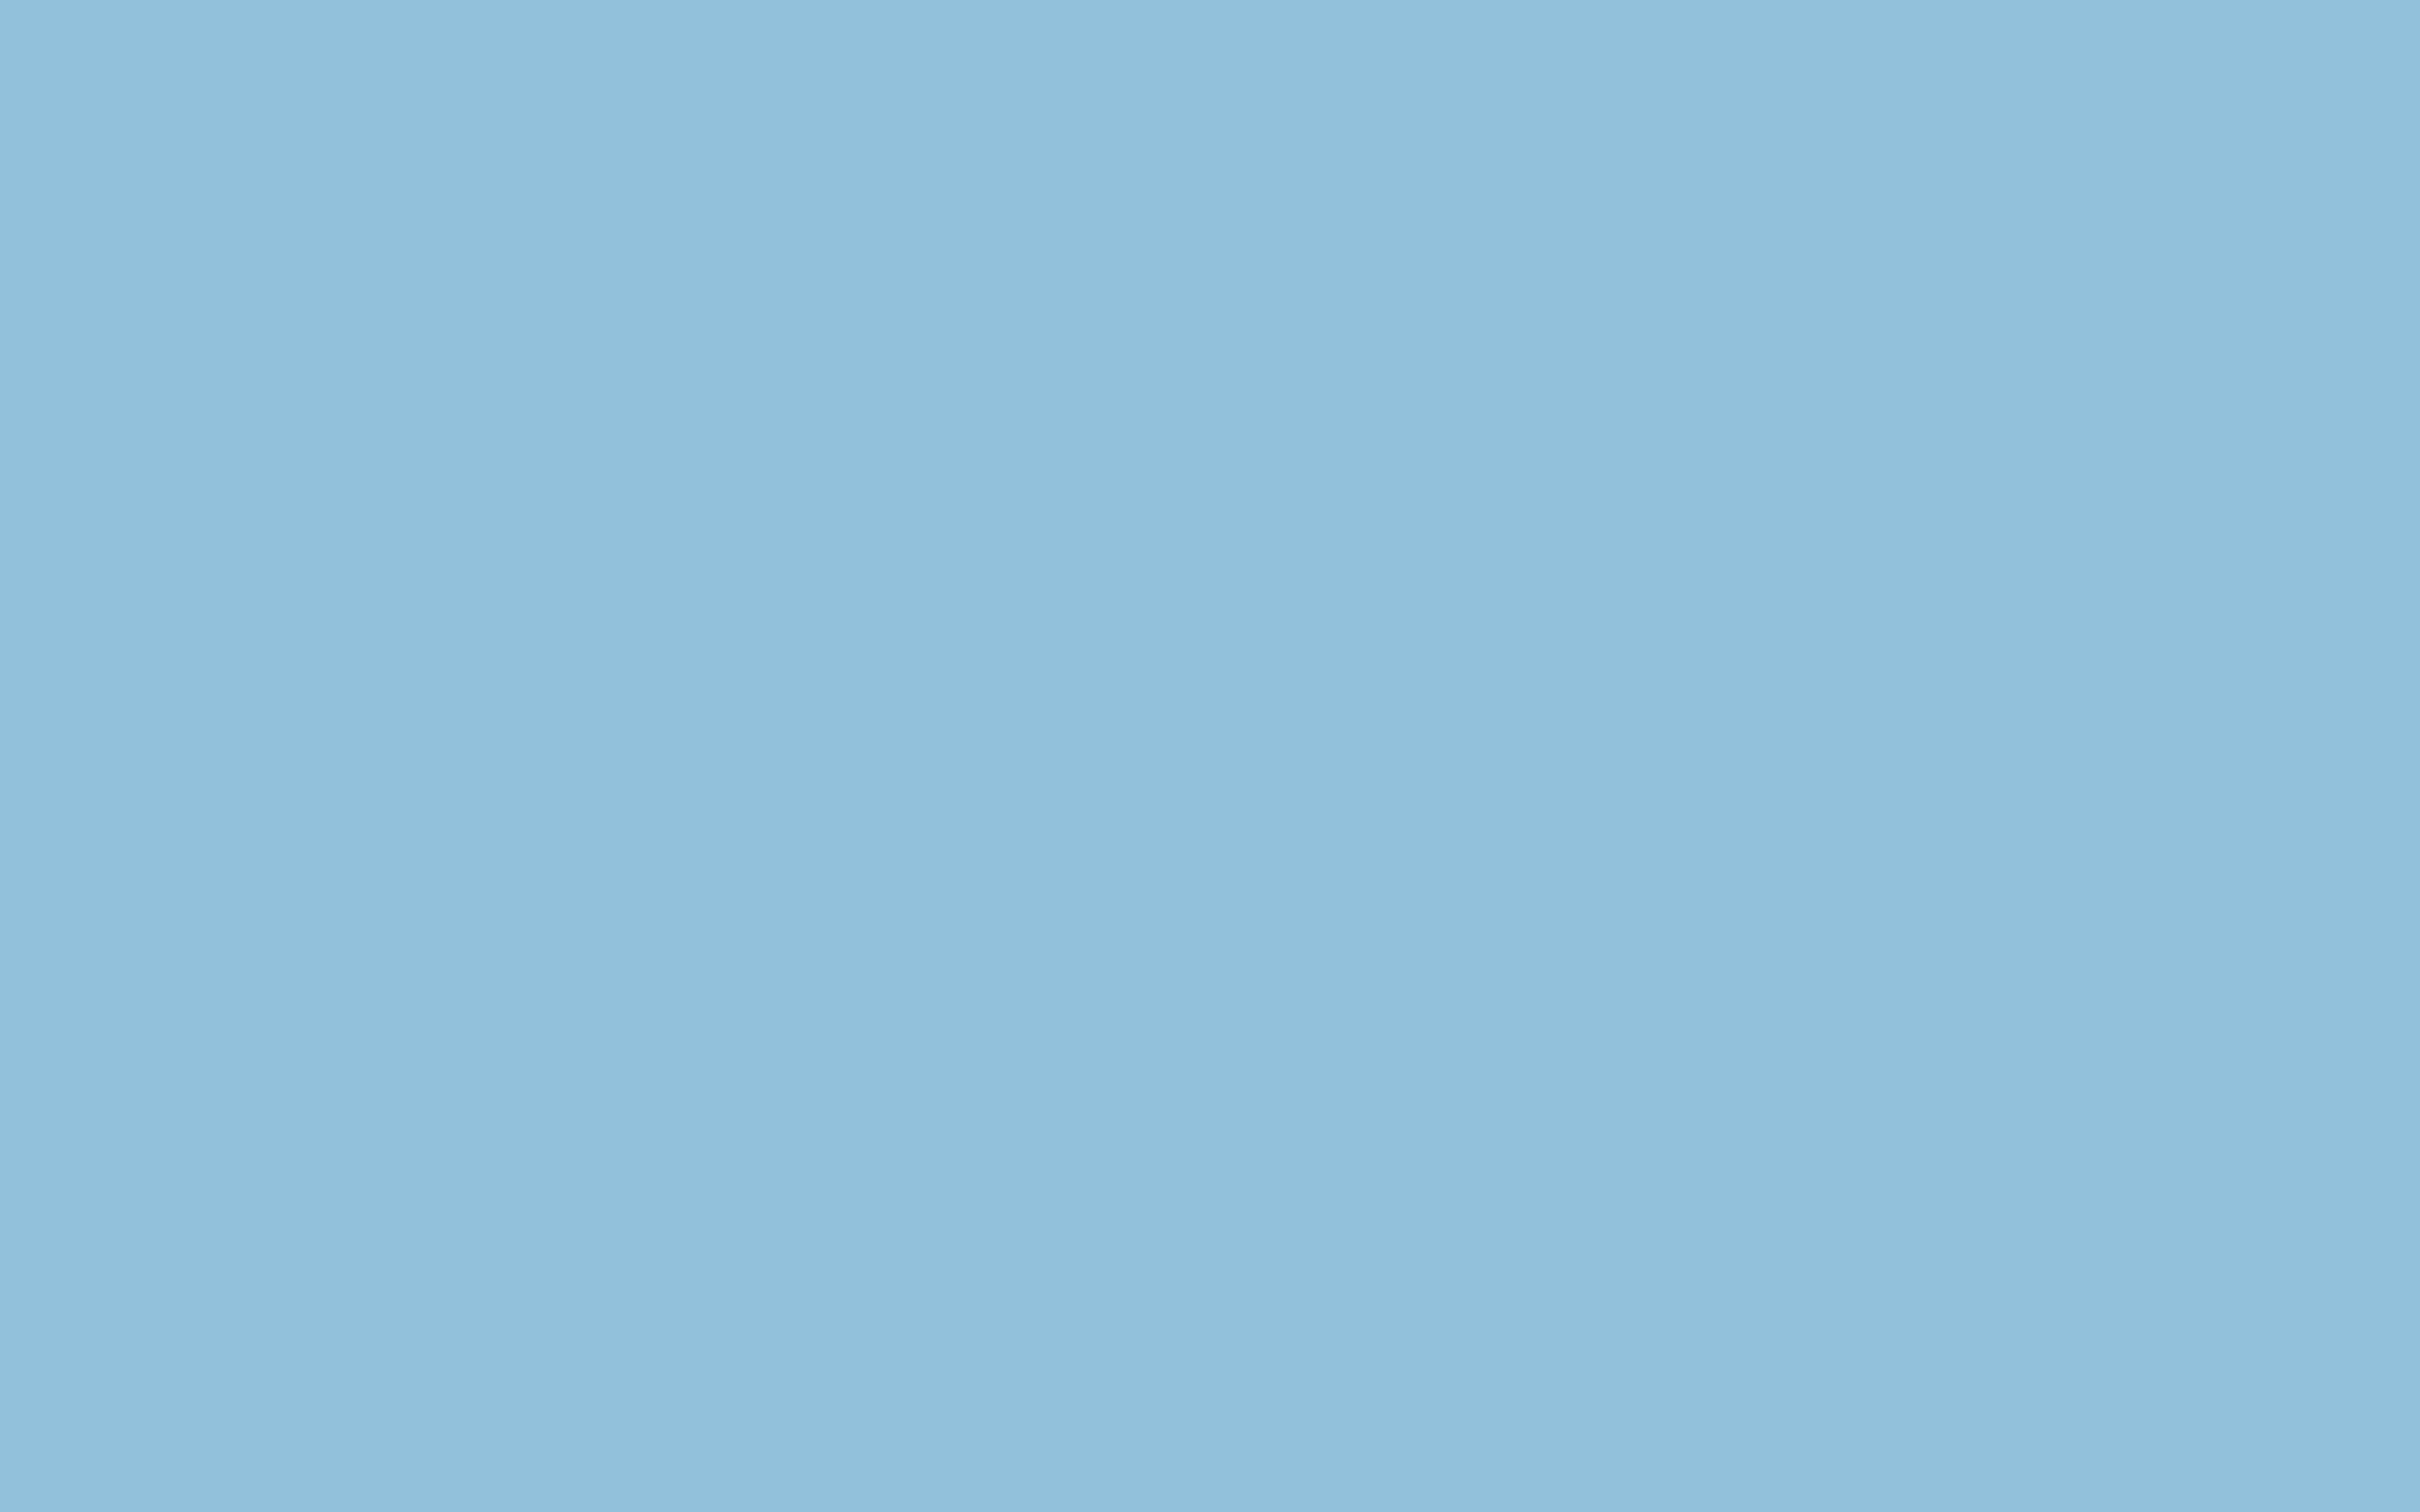 Light Blue Wallpaper Wide